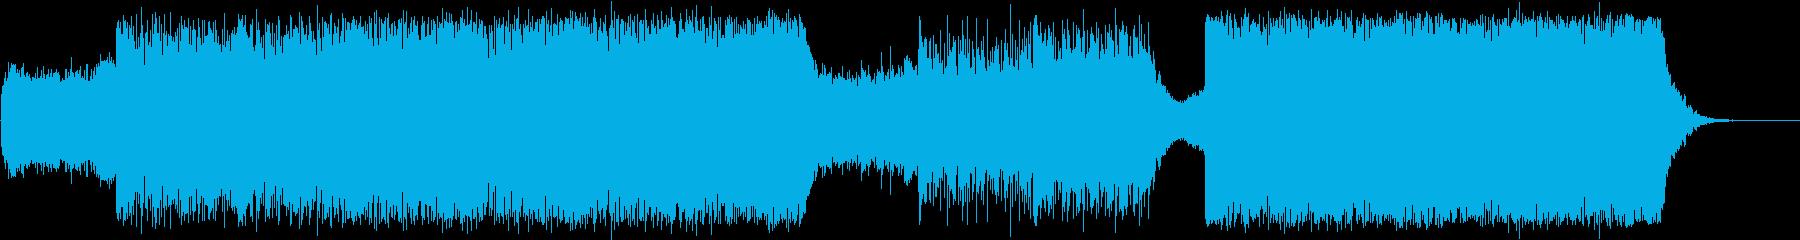 歌声が印象的な緊迫感あるテクスチャーの再生済みの波形